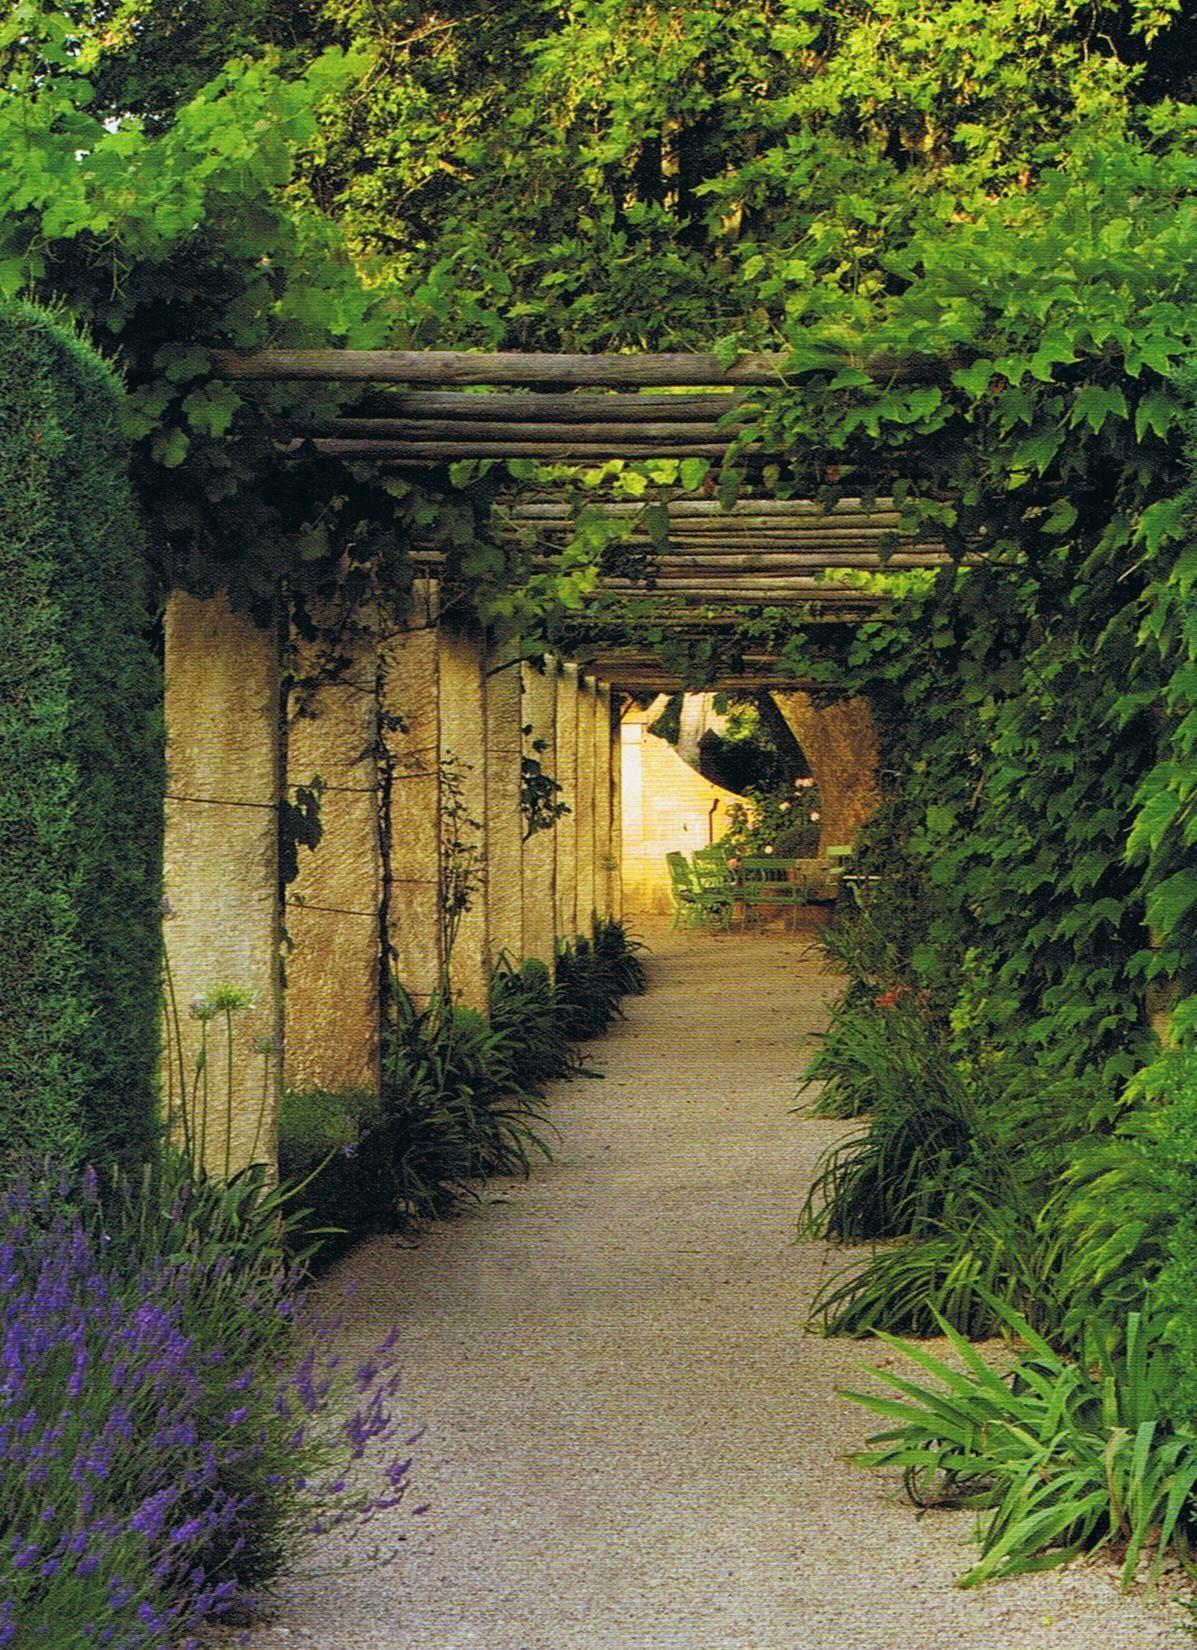 British House And Garden Sept 09 3 Jardim Provencal Pergolado Garagem Imagens Natureza